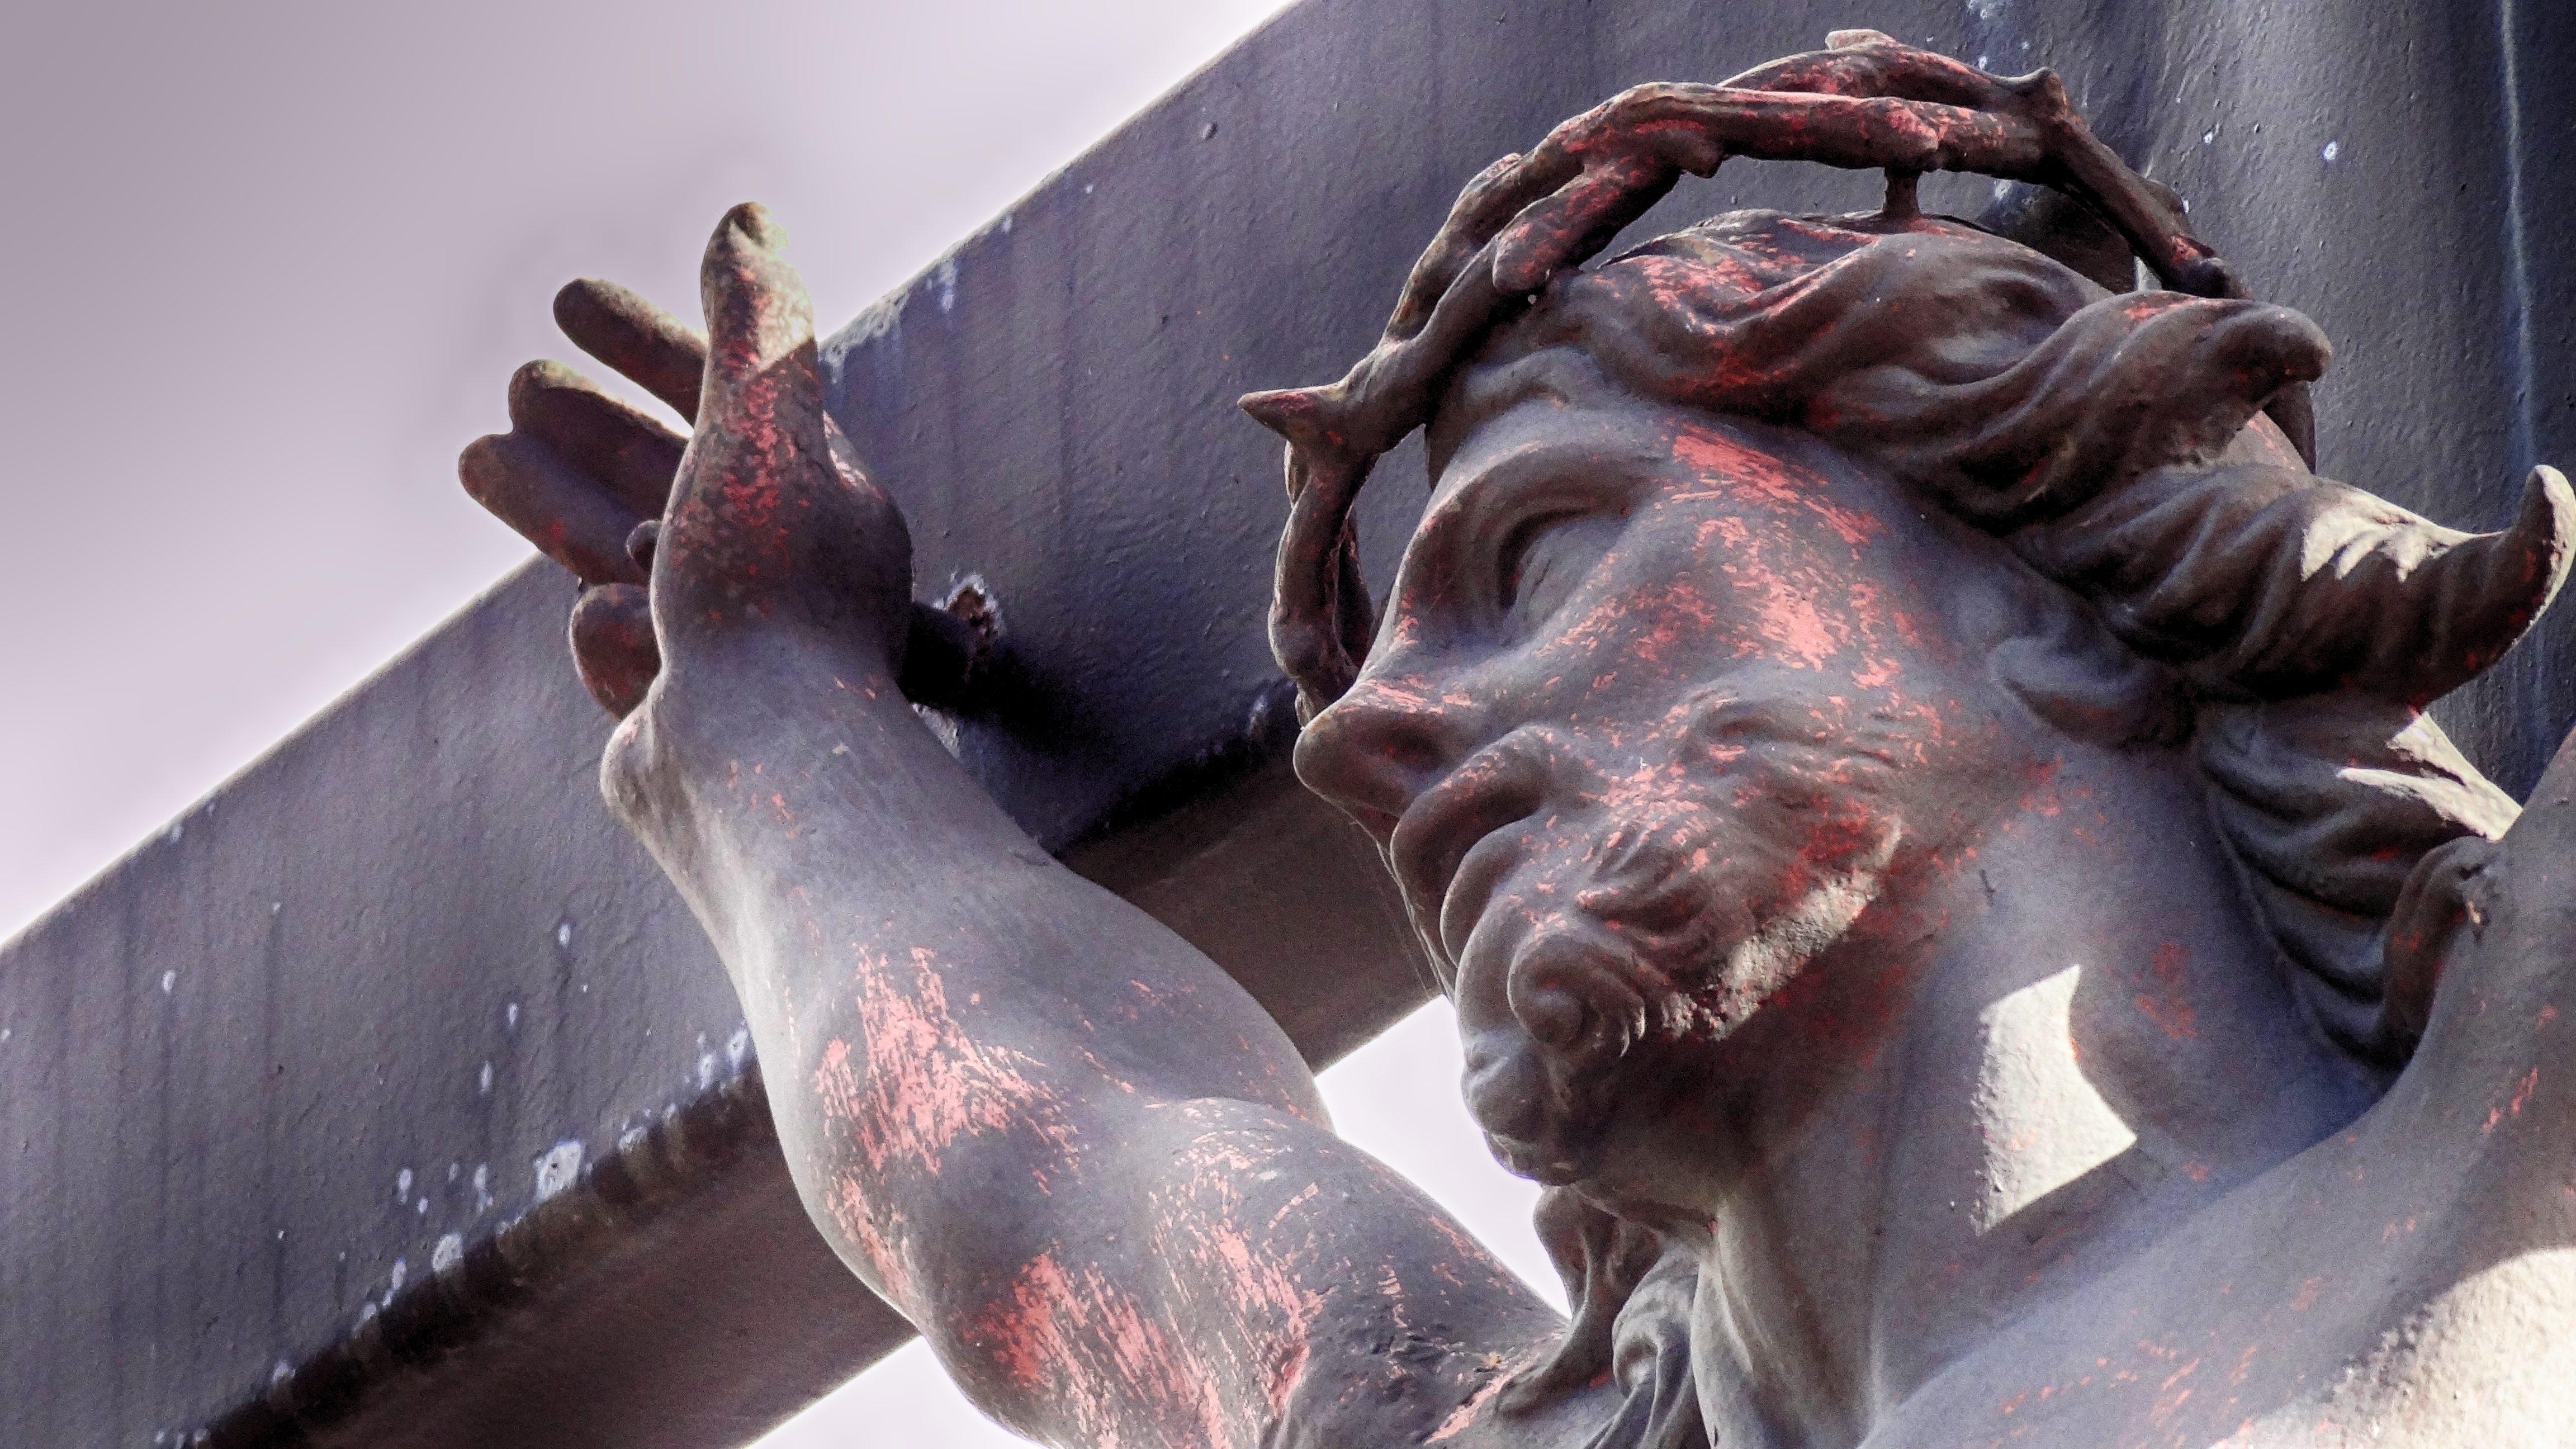 free images monument statue sculpture art temple jesus